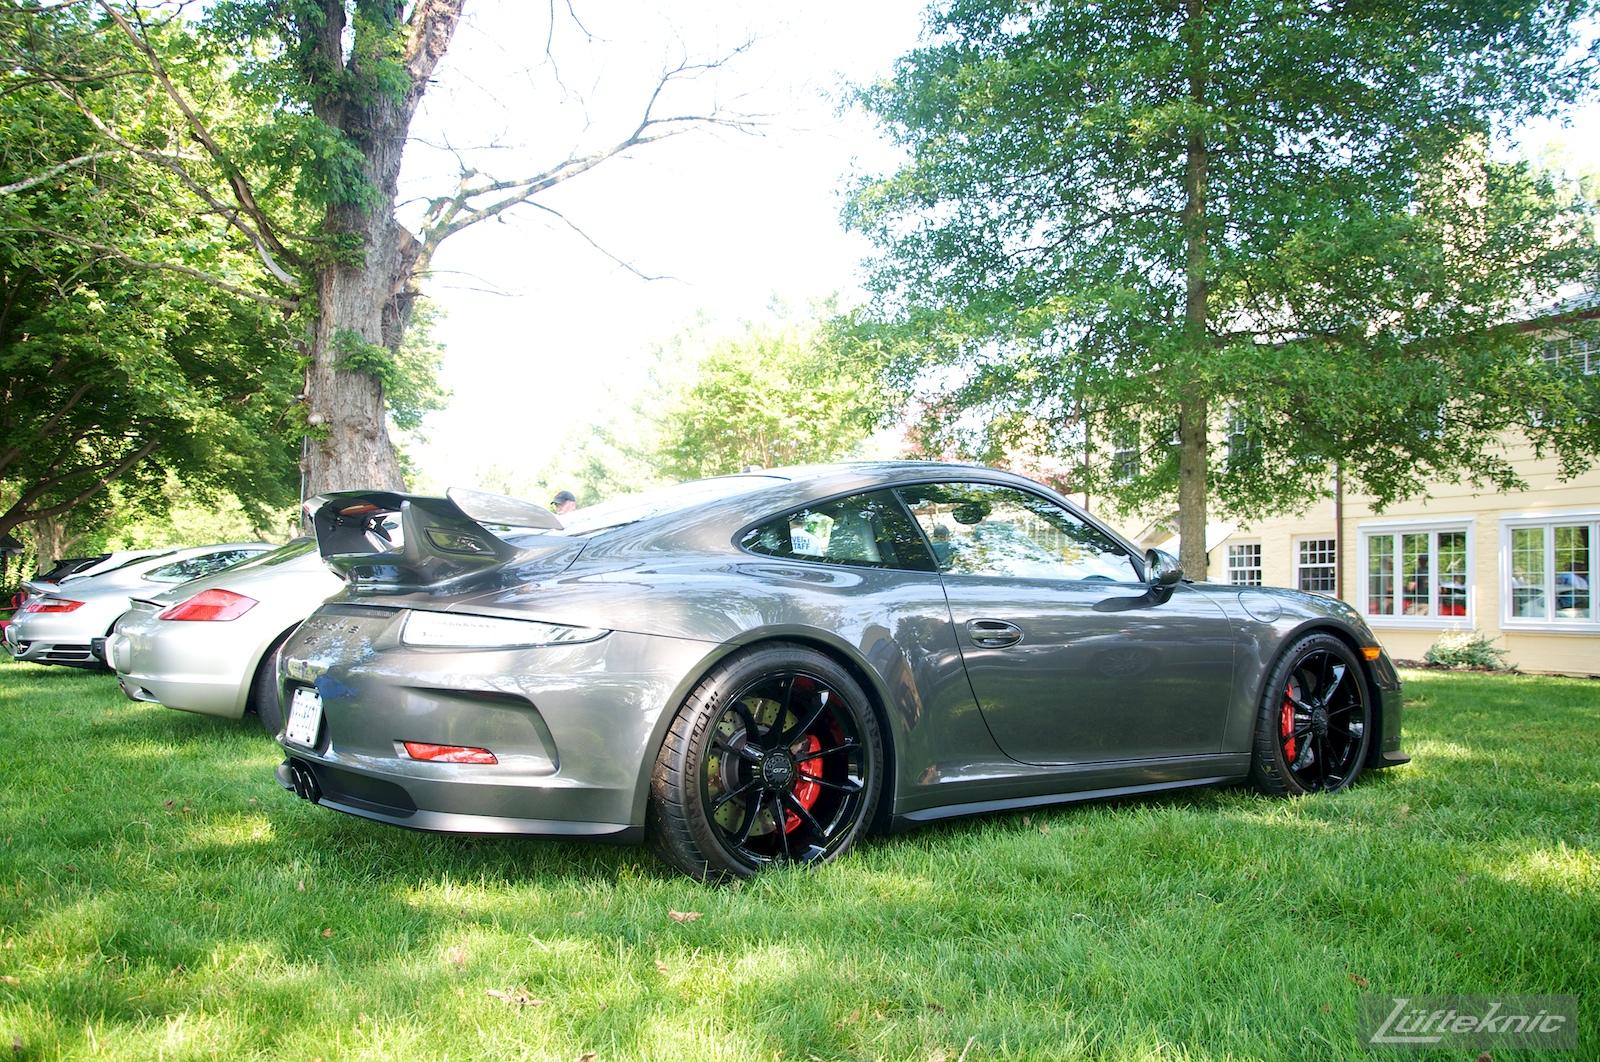 A gray 991 GT3 at the Richmond Porsche Meet.